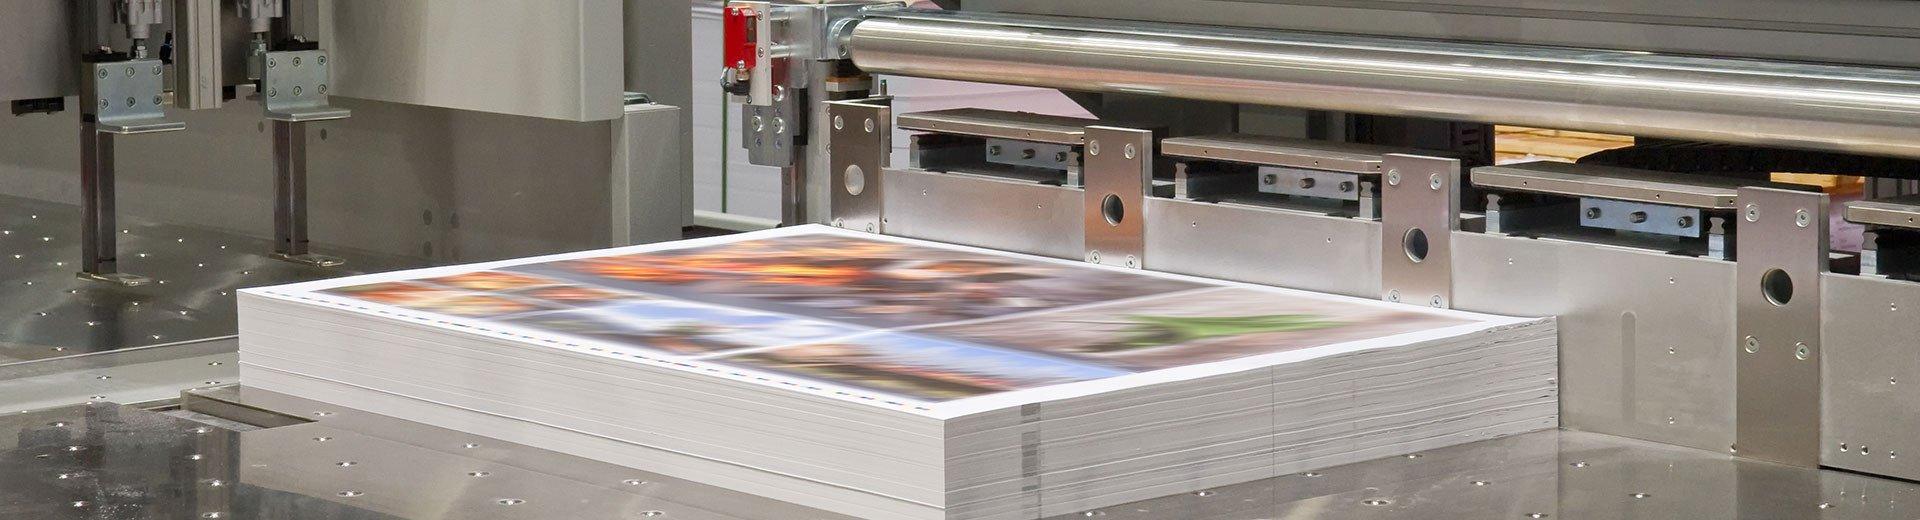 Okładka artykułu Jak przygotować do druku okładkę katalogu — Z wykorzystaniem  lakieru UV